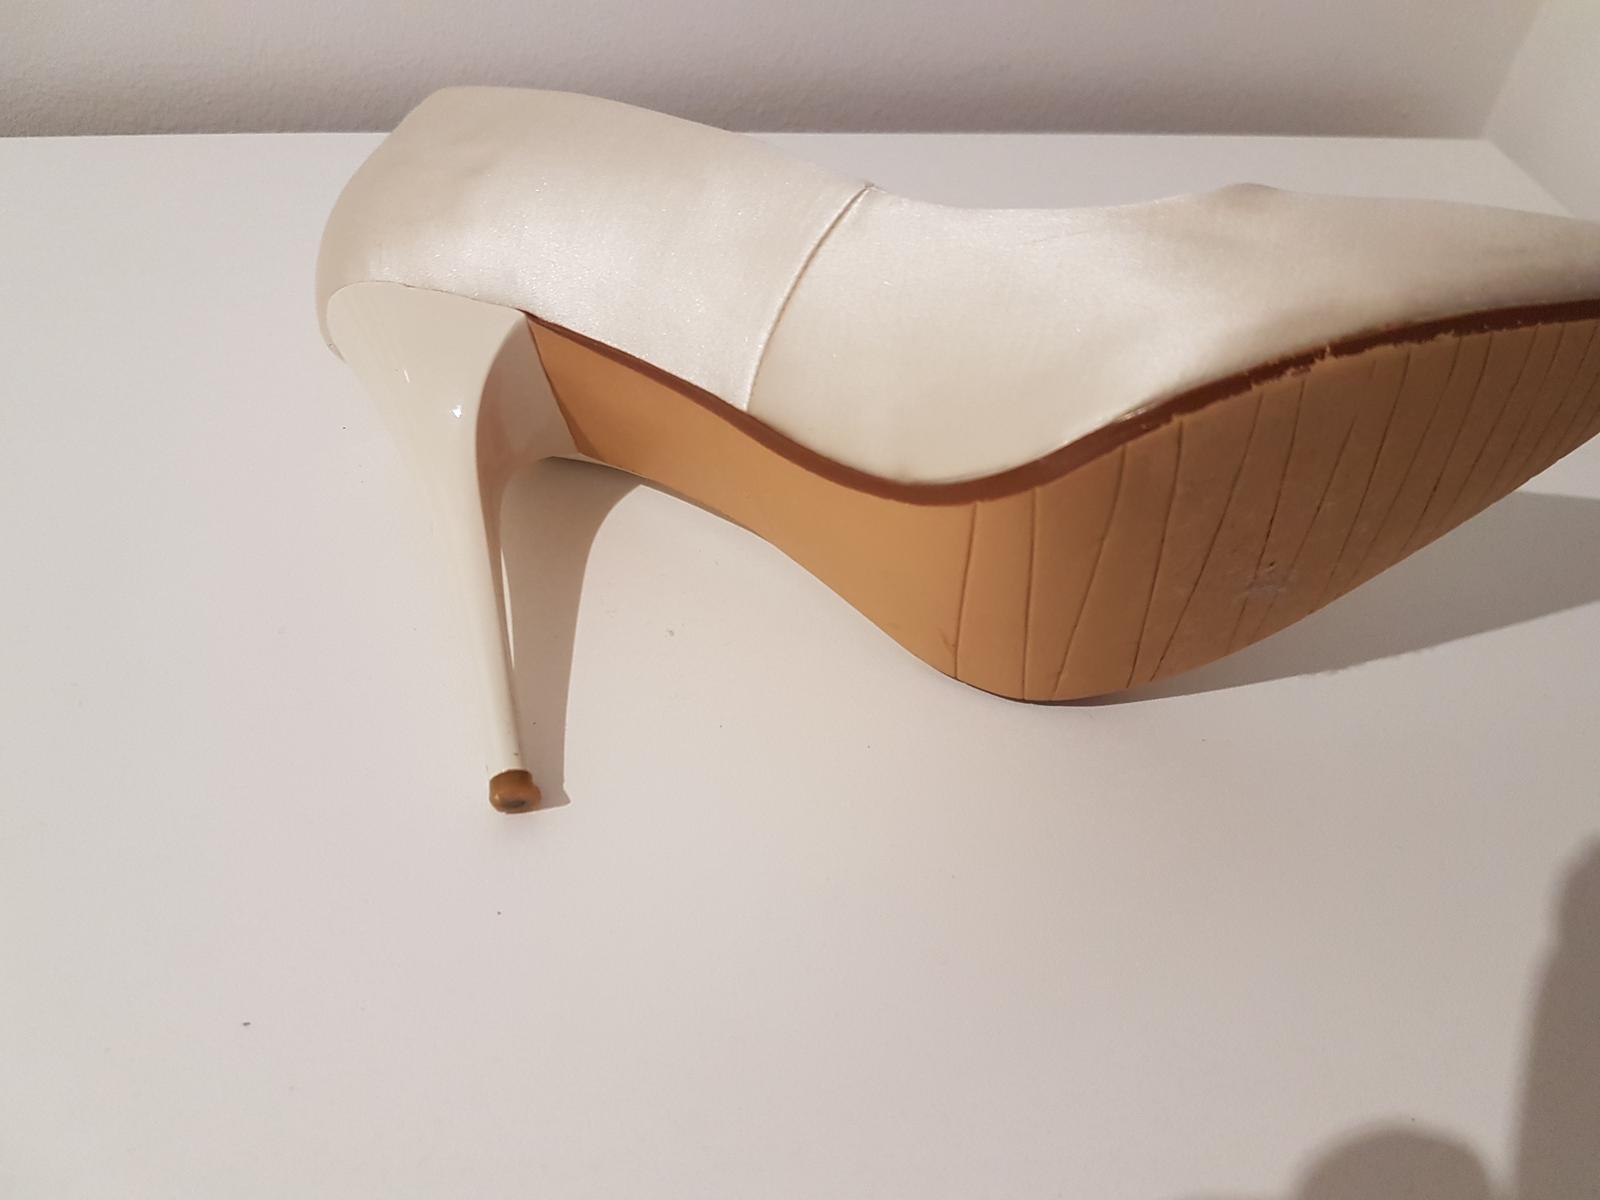 Svadobné topánky - Obrázok č. 3